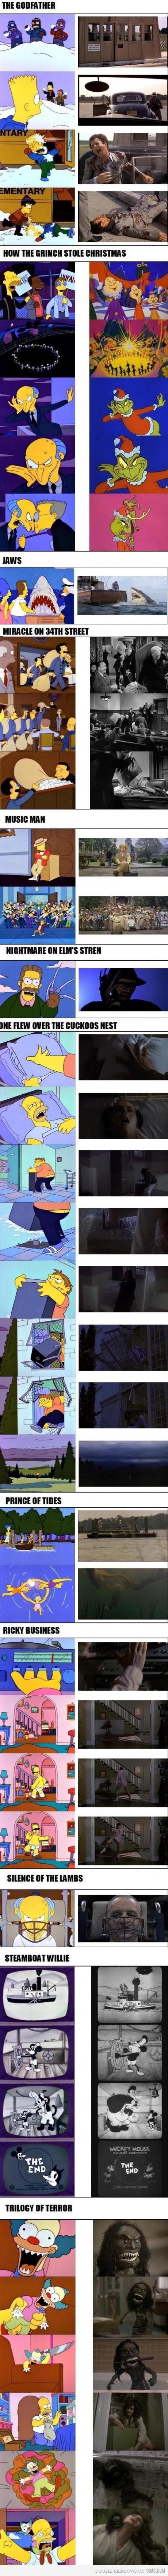 The simpsons movie parodies